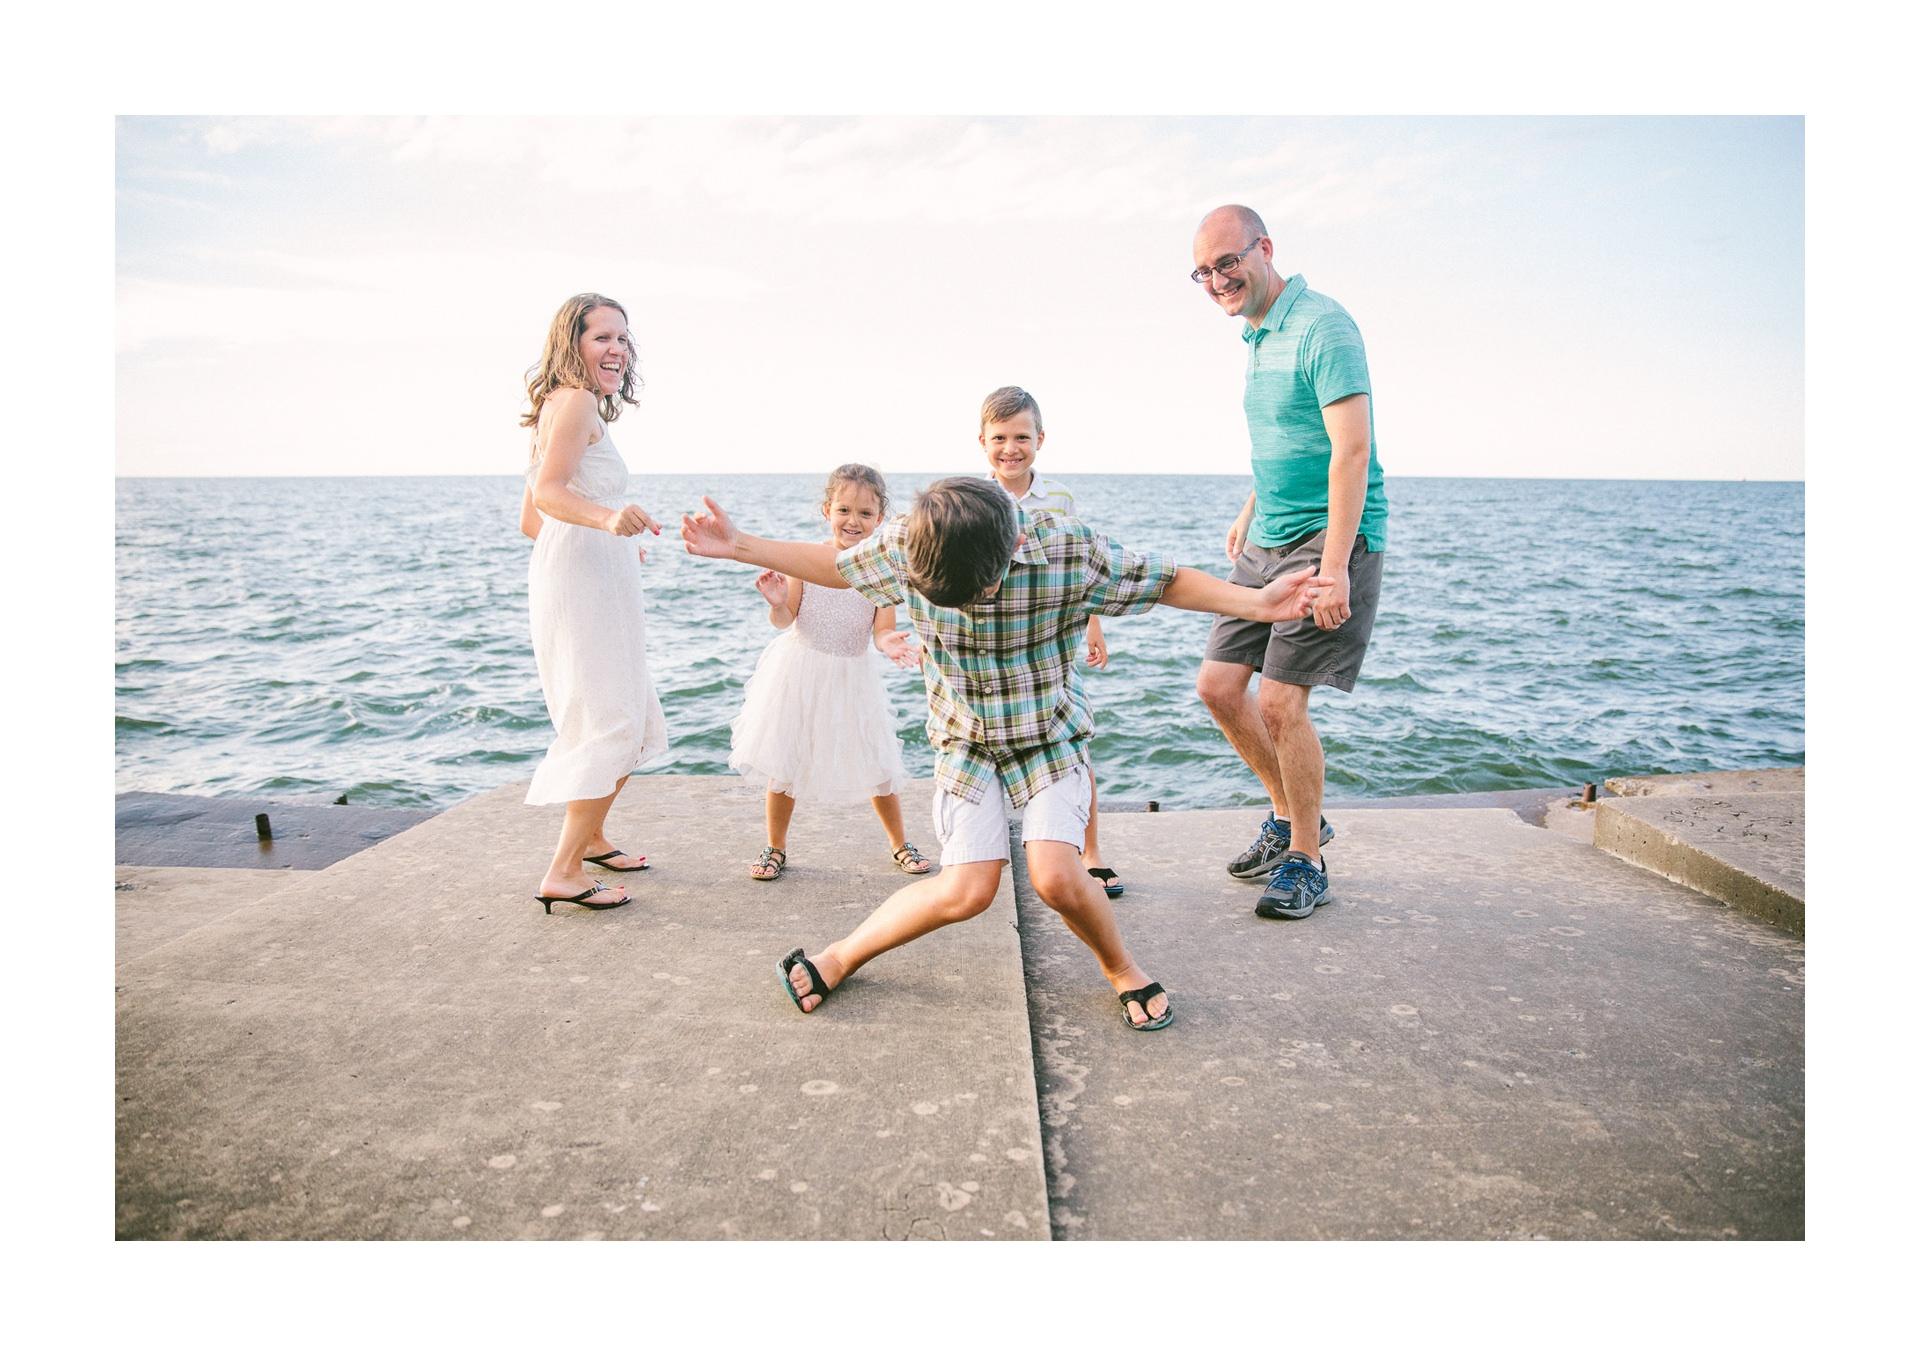 Lakewood Ohio Lifestyle Family Photographer 6.jpg